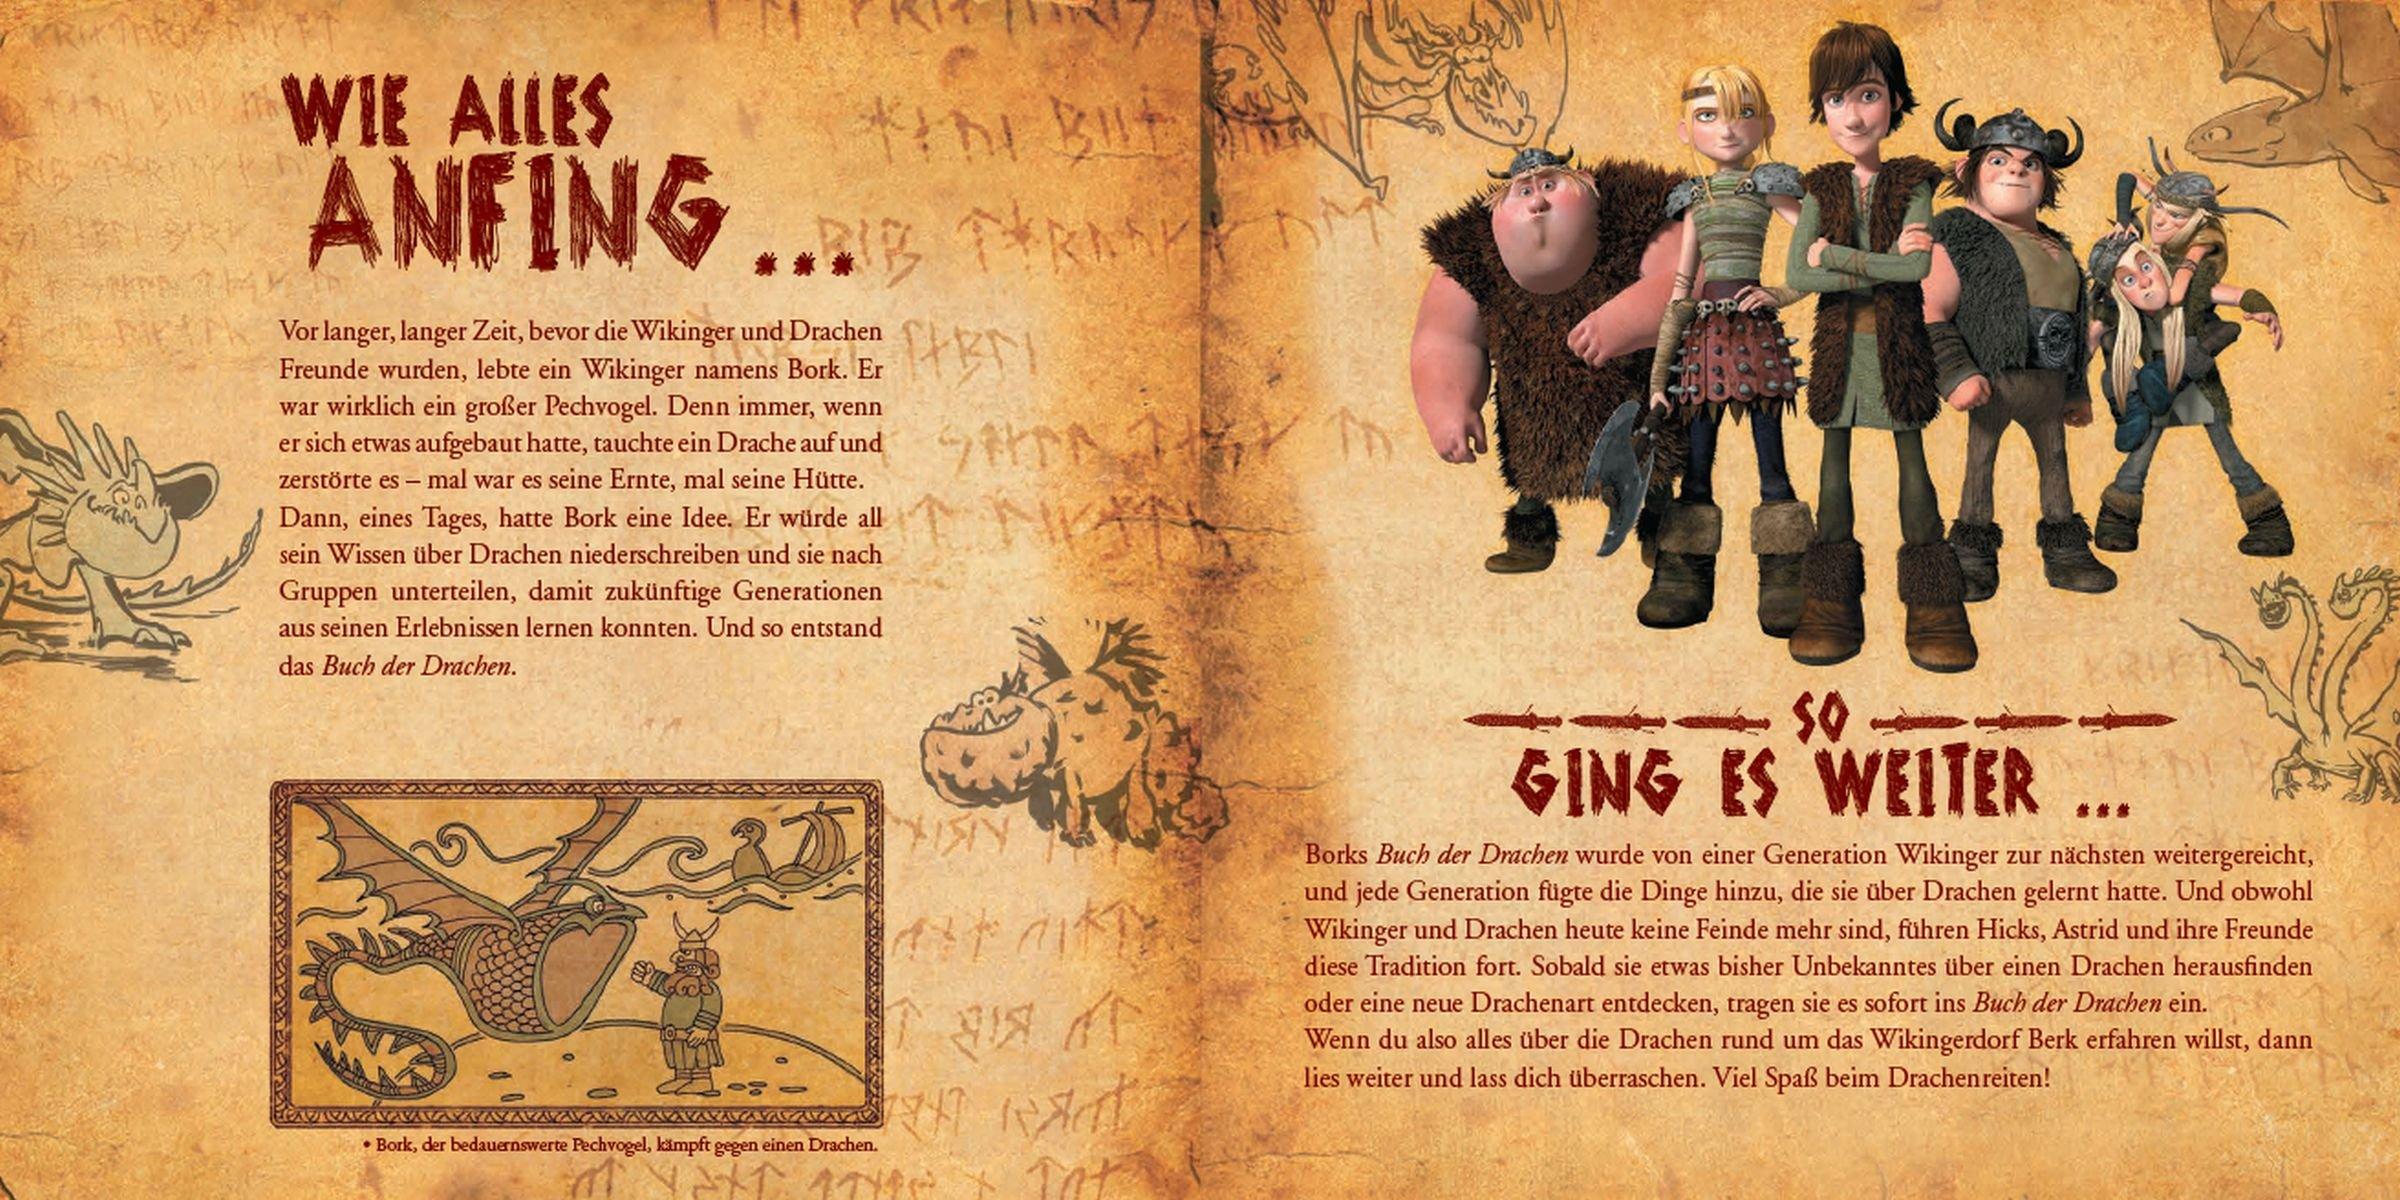 Dragons Das Buch Der Drachen Amazon De Hoffart Nicole Testa Maggie Bialk Andy Frawley Keih Buchmuller Rainer Bucher